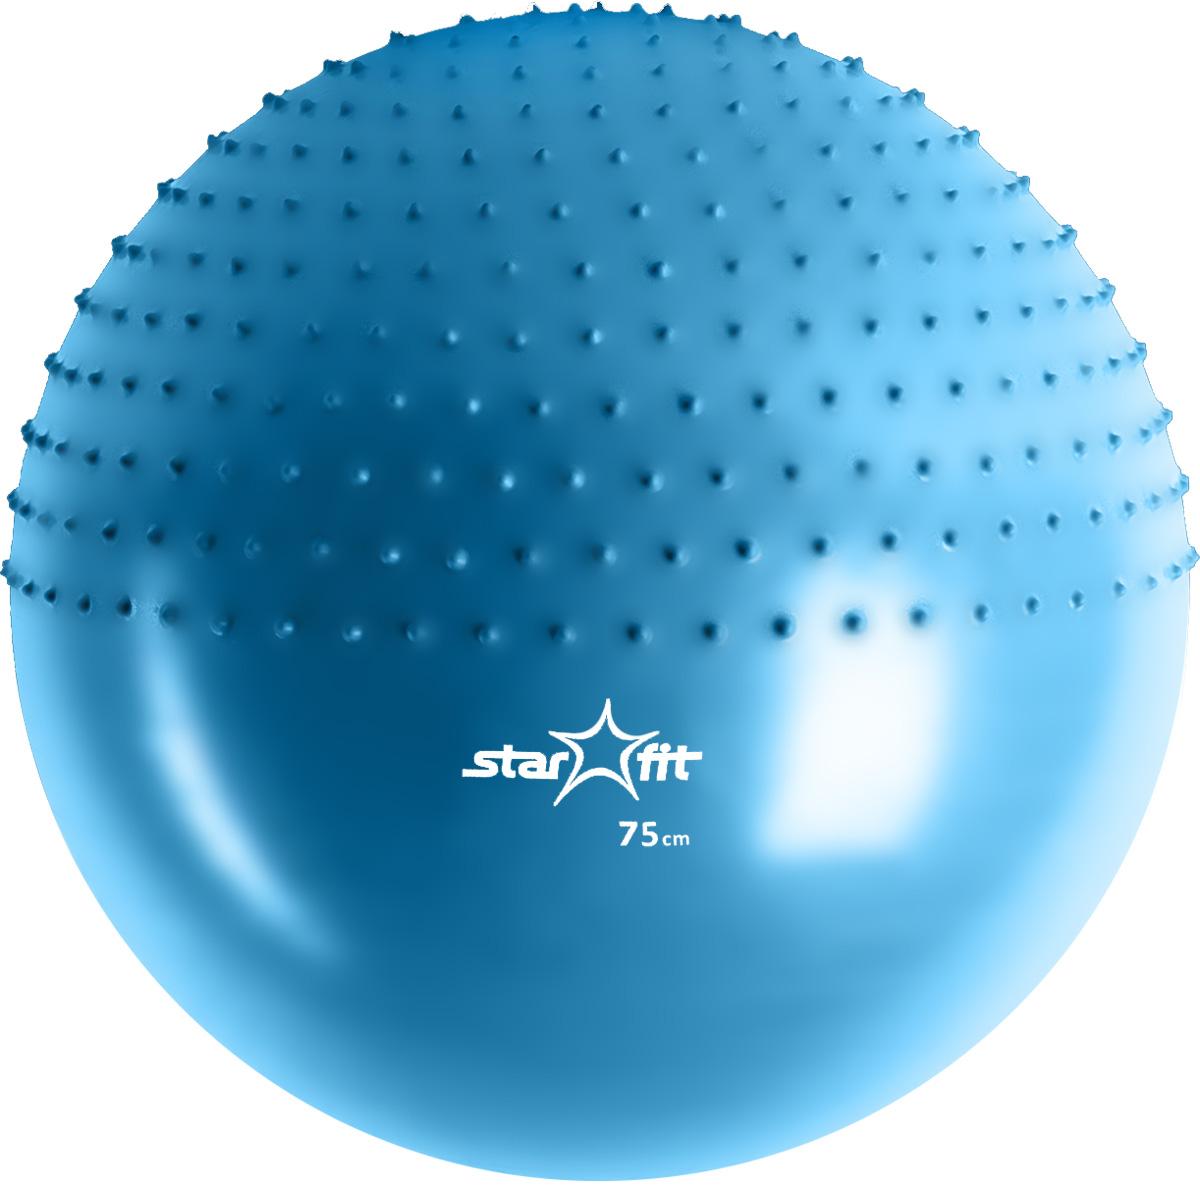 Мяч гимнастический Starfit, полумассажный, цвет: синий, диаметр 75 смУТ-00008870Мяч гимнастический Star Fit, изготовленный их ПВХ с защитой от взрыва, отлично подойдет для занятий фитнесом. Его используют как женщины, так и мужчины в функциональном тренинге, бодибилдинге, групповых программах, стретчинге (растяжке). Мяч эффективно тренирует ноги, спину, грудь, дельтовидные мышцы, бицепсы, трицепсы и пресс. С помощью такого мяча можно тренировать все мышцы тела, правильно выстроив тренировочный процесс и используя его как основной или второстепенный снаряд для упражнения. Также его удобно использовать для массажа мышц с повышенным тонусом. Мяч обладает неоспоримым преимуществом. Его удобство заключается в том, что всегда можно поменять сторону использования с простого гимнастического на массажный и обратно. Гимнастический мяч - это незаменимый и один из самых популярных аксессуаров в фитнесе.УВАЖЕМЫЕ КЛИЕНТЫ!Обращаем ваше внимание на тот факт, что мяч поставляется в сдутом виде. Насос в комплект не входит.